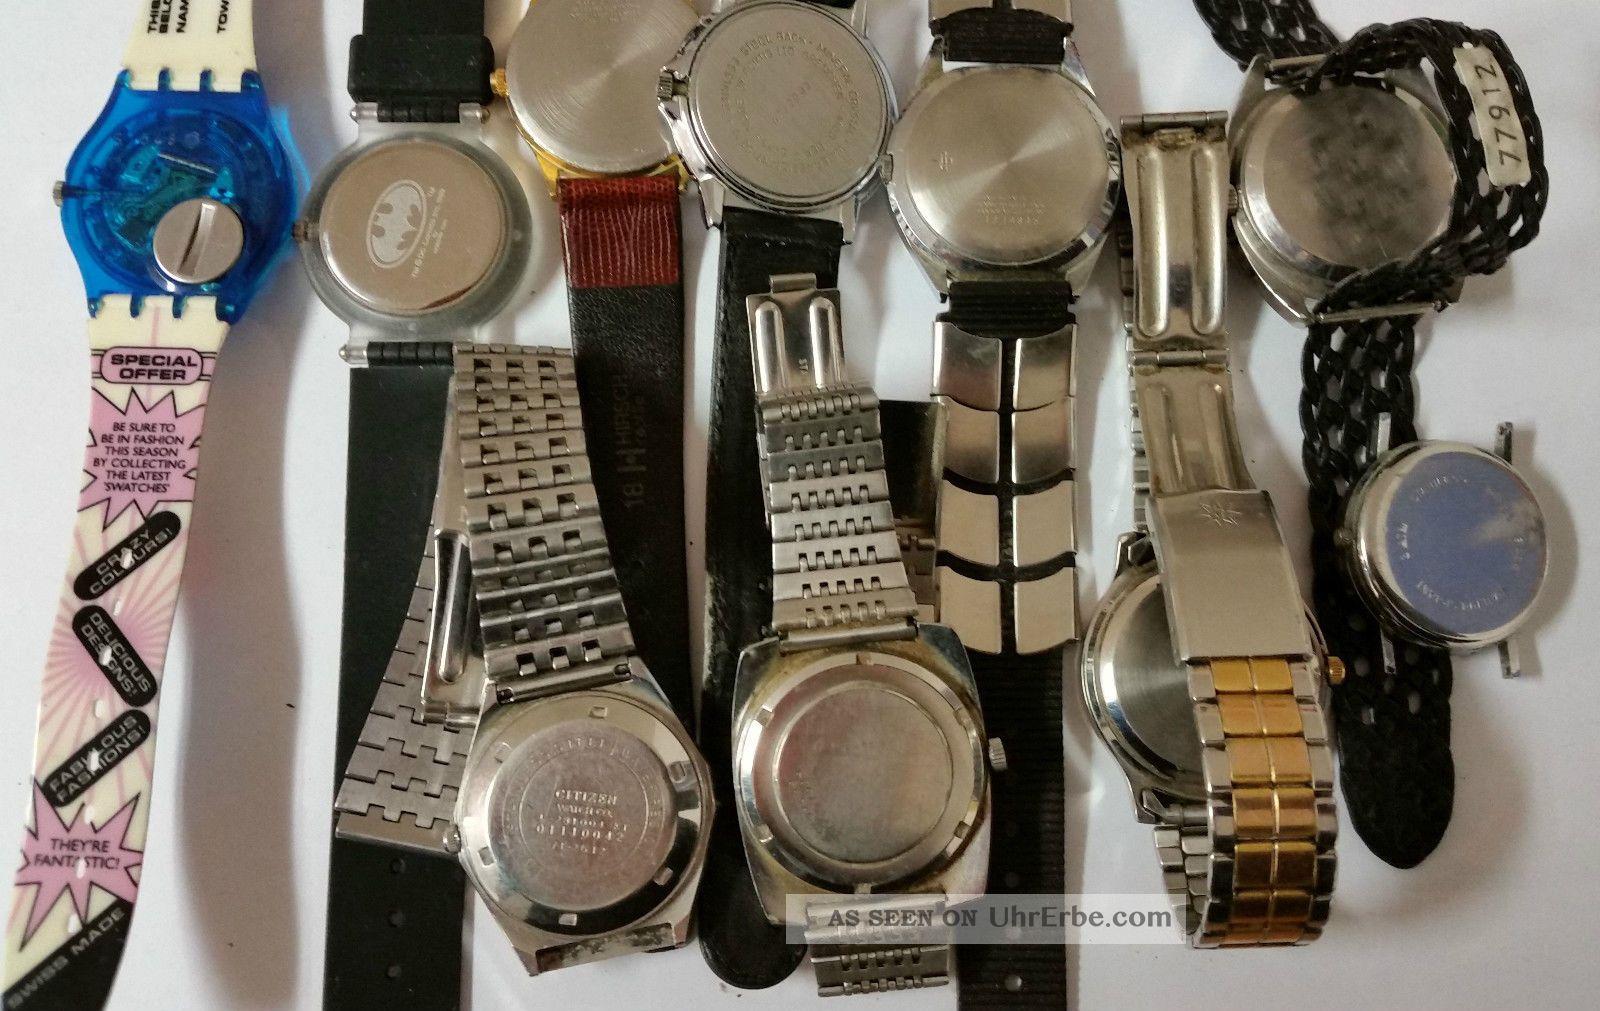 Konvolut - Armbanduhren - Herrenarmbanduhren Damenarmbanduhren Kinder - Defekt Armbanduhren Bild